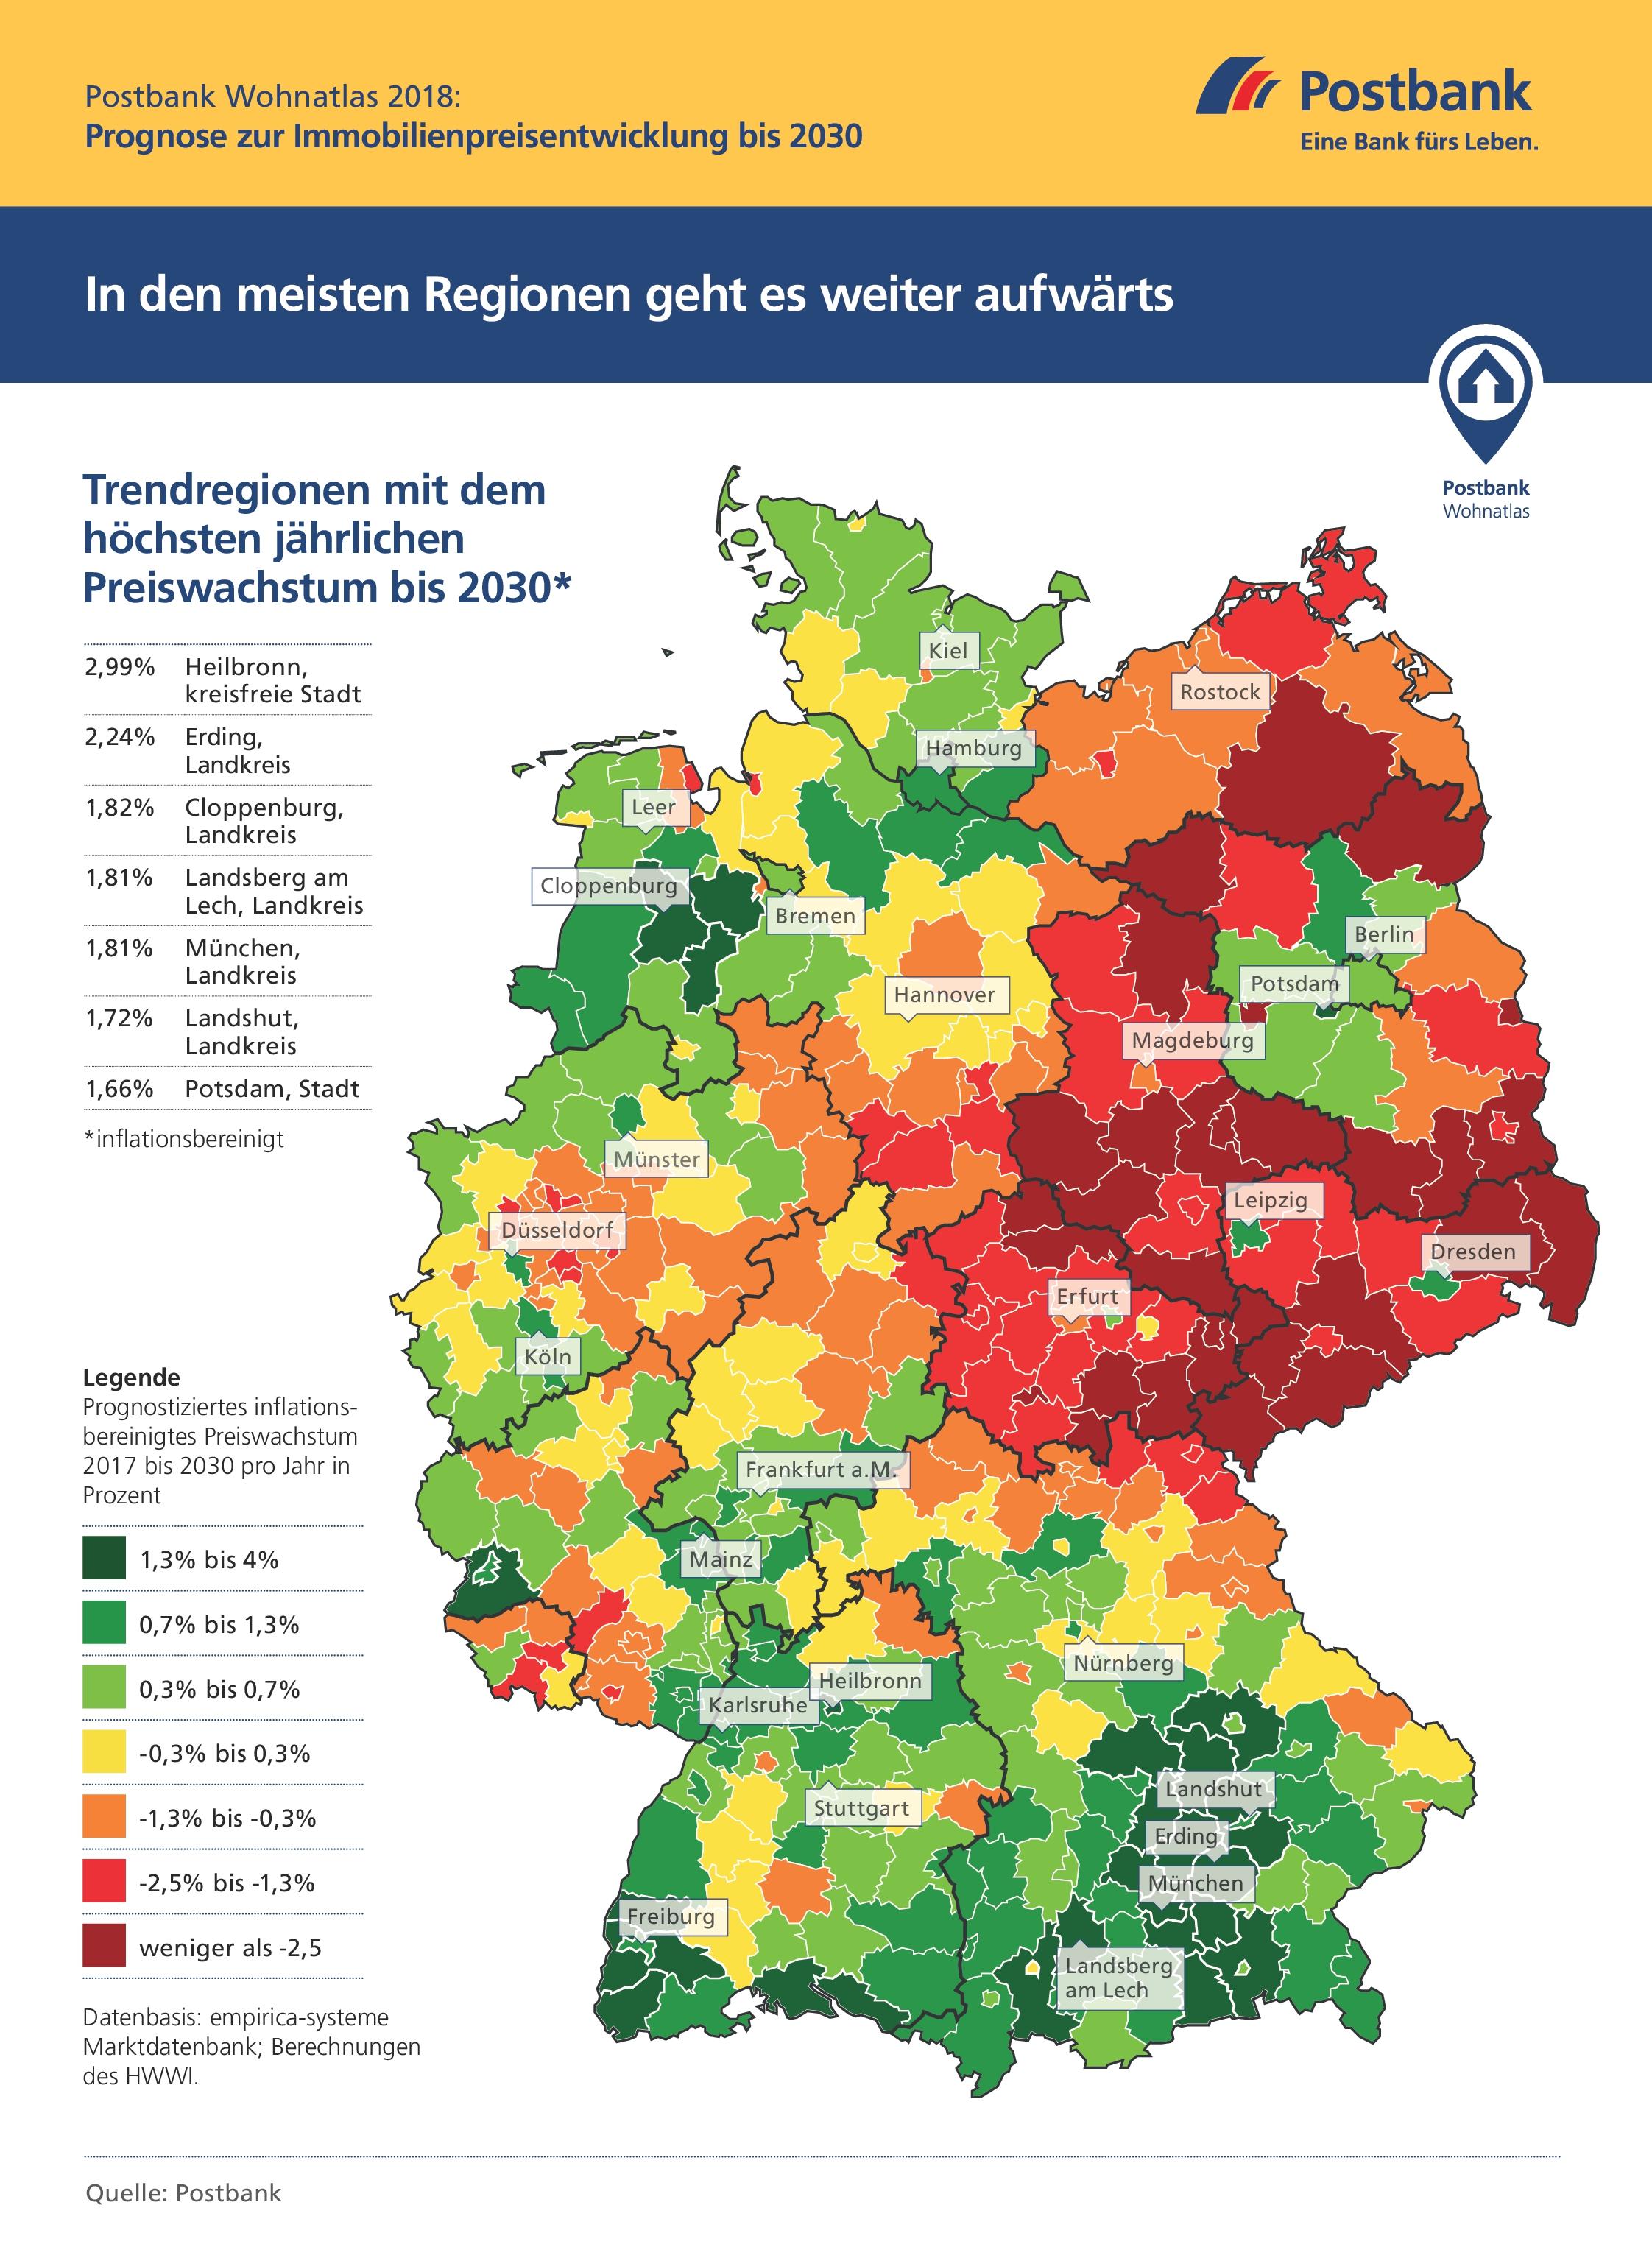 Postbank Wohnatlas 2018: Prognose zur Immobilienentwicklung bis 2030